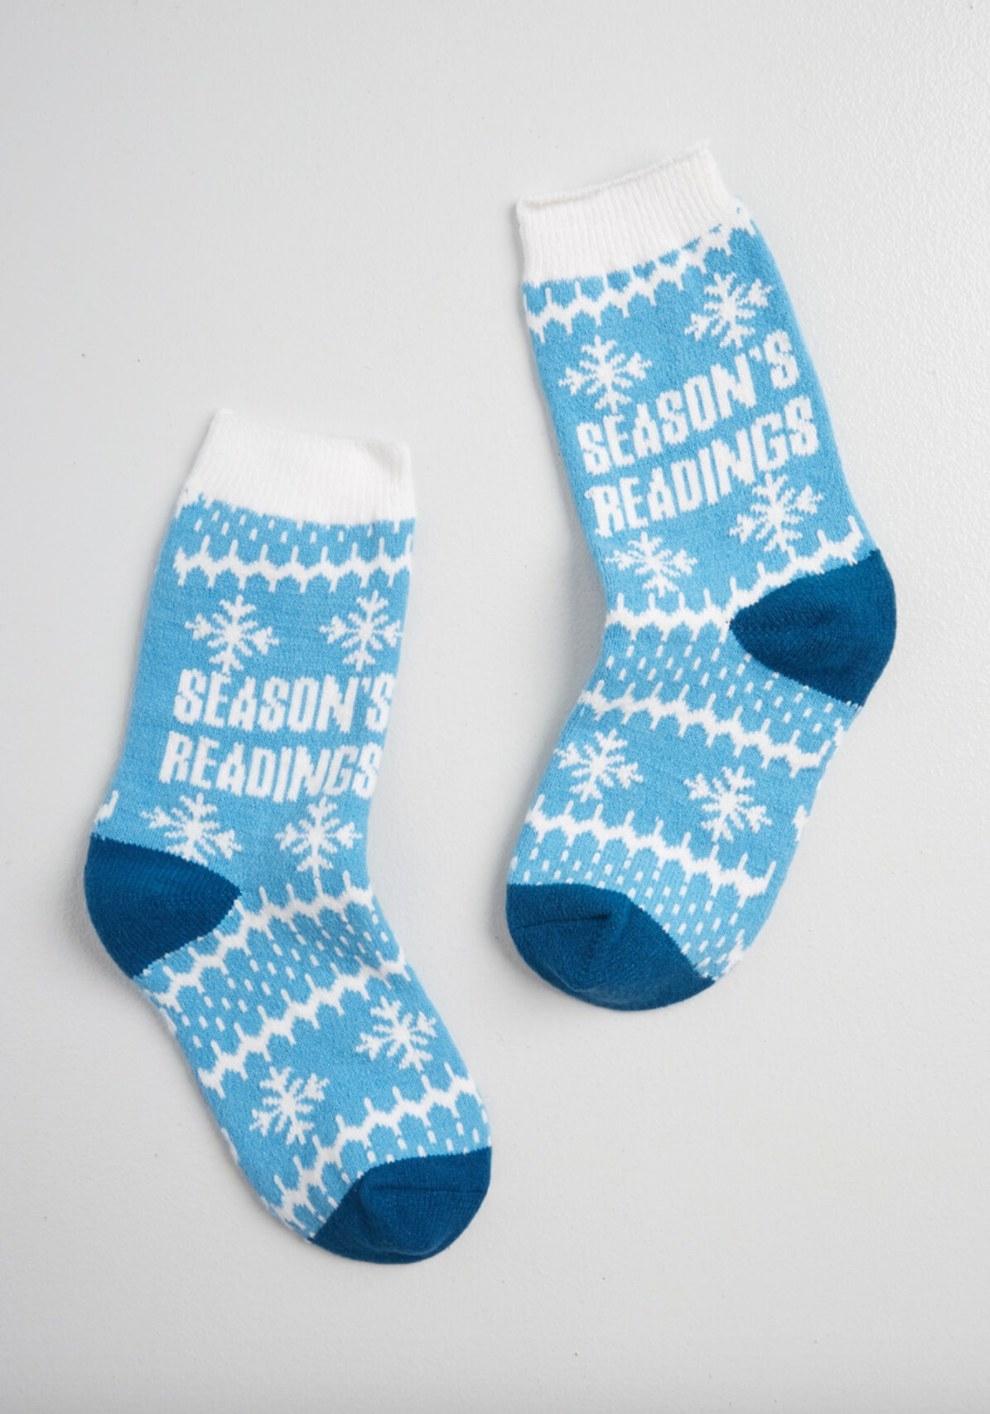 The pair of season's readings socks in blue